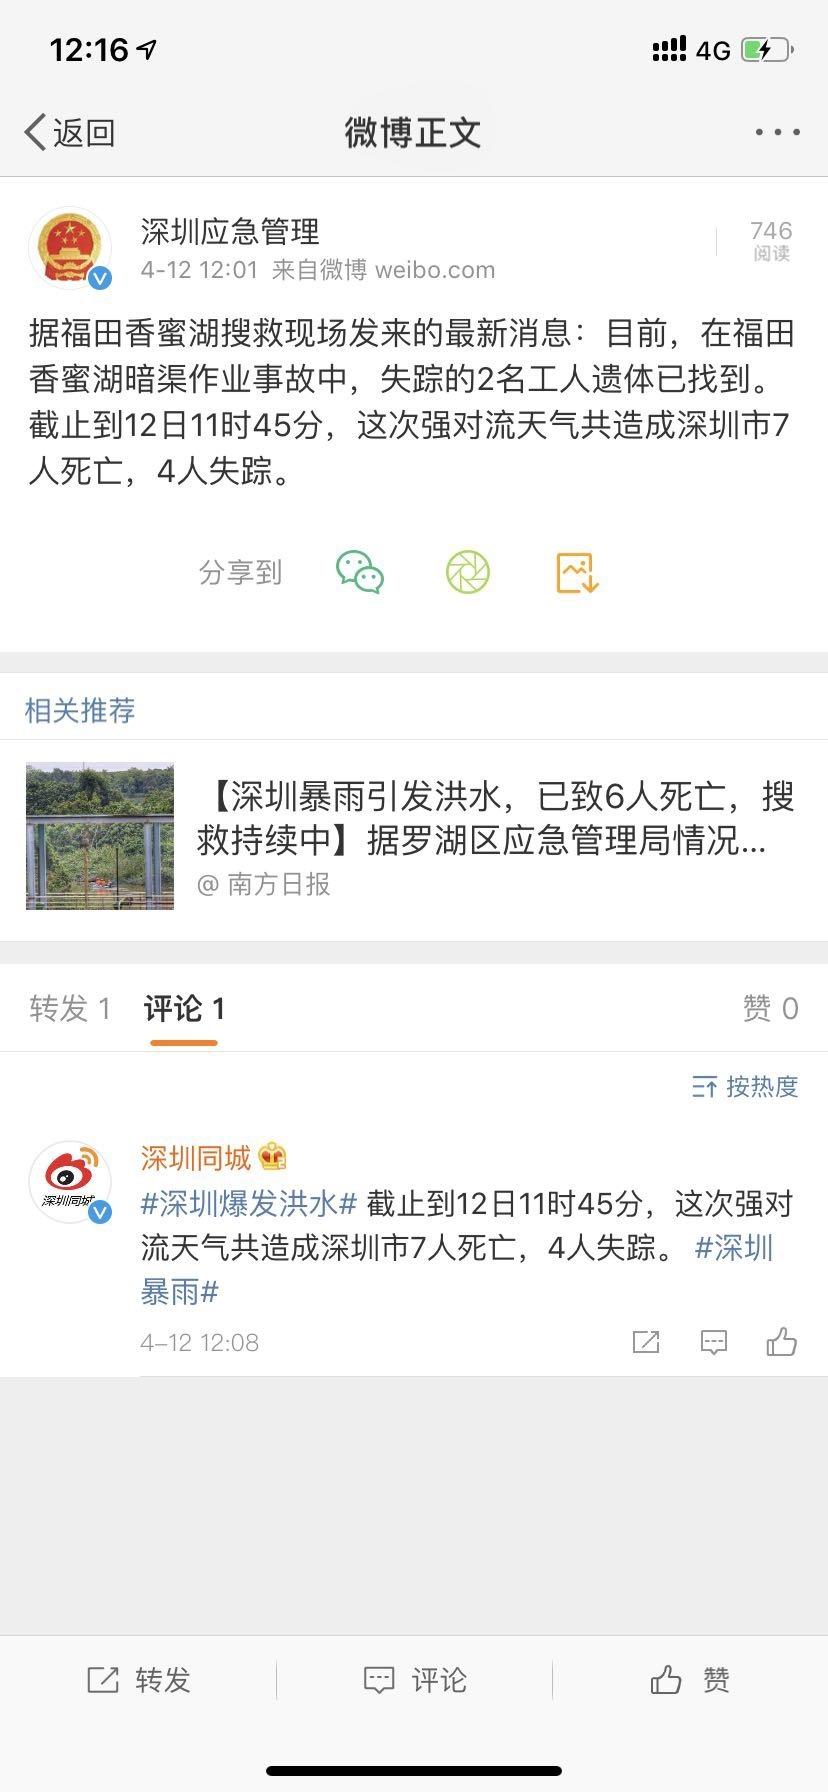 深圳暴雨引发洪水,已致7人死亡,4人失踪